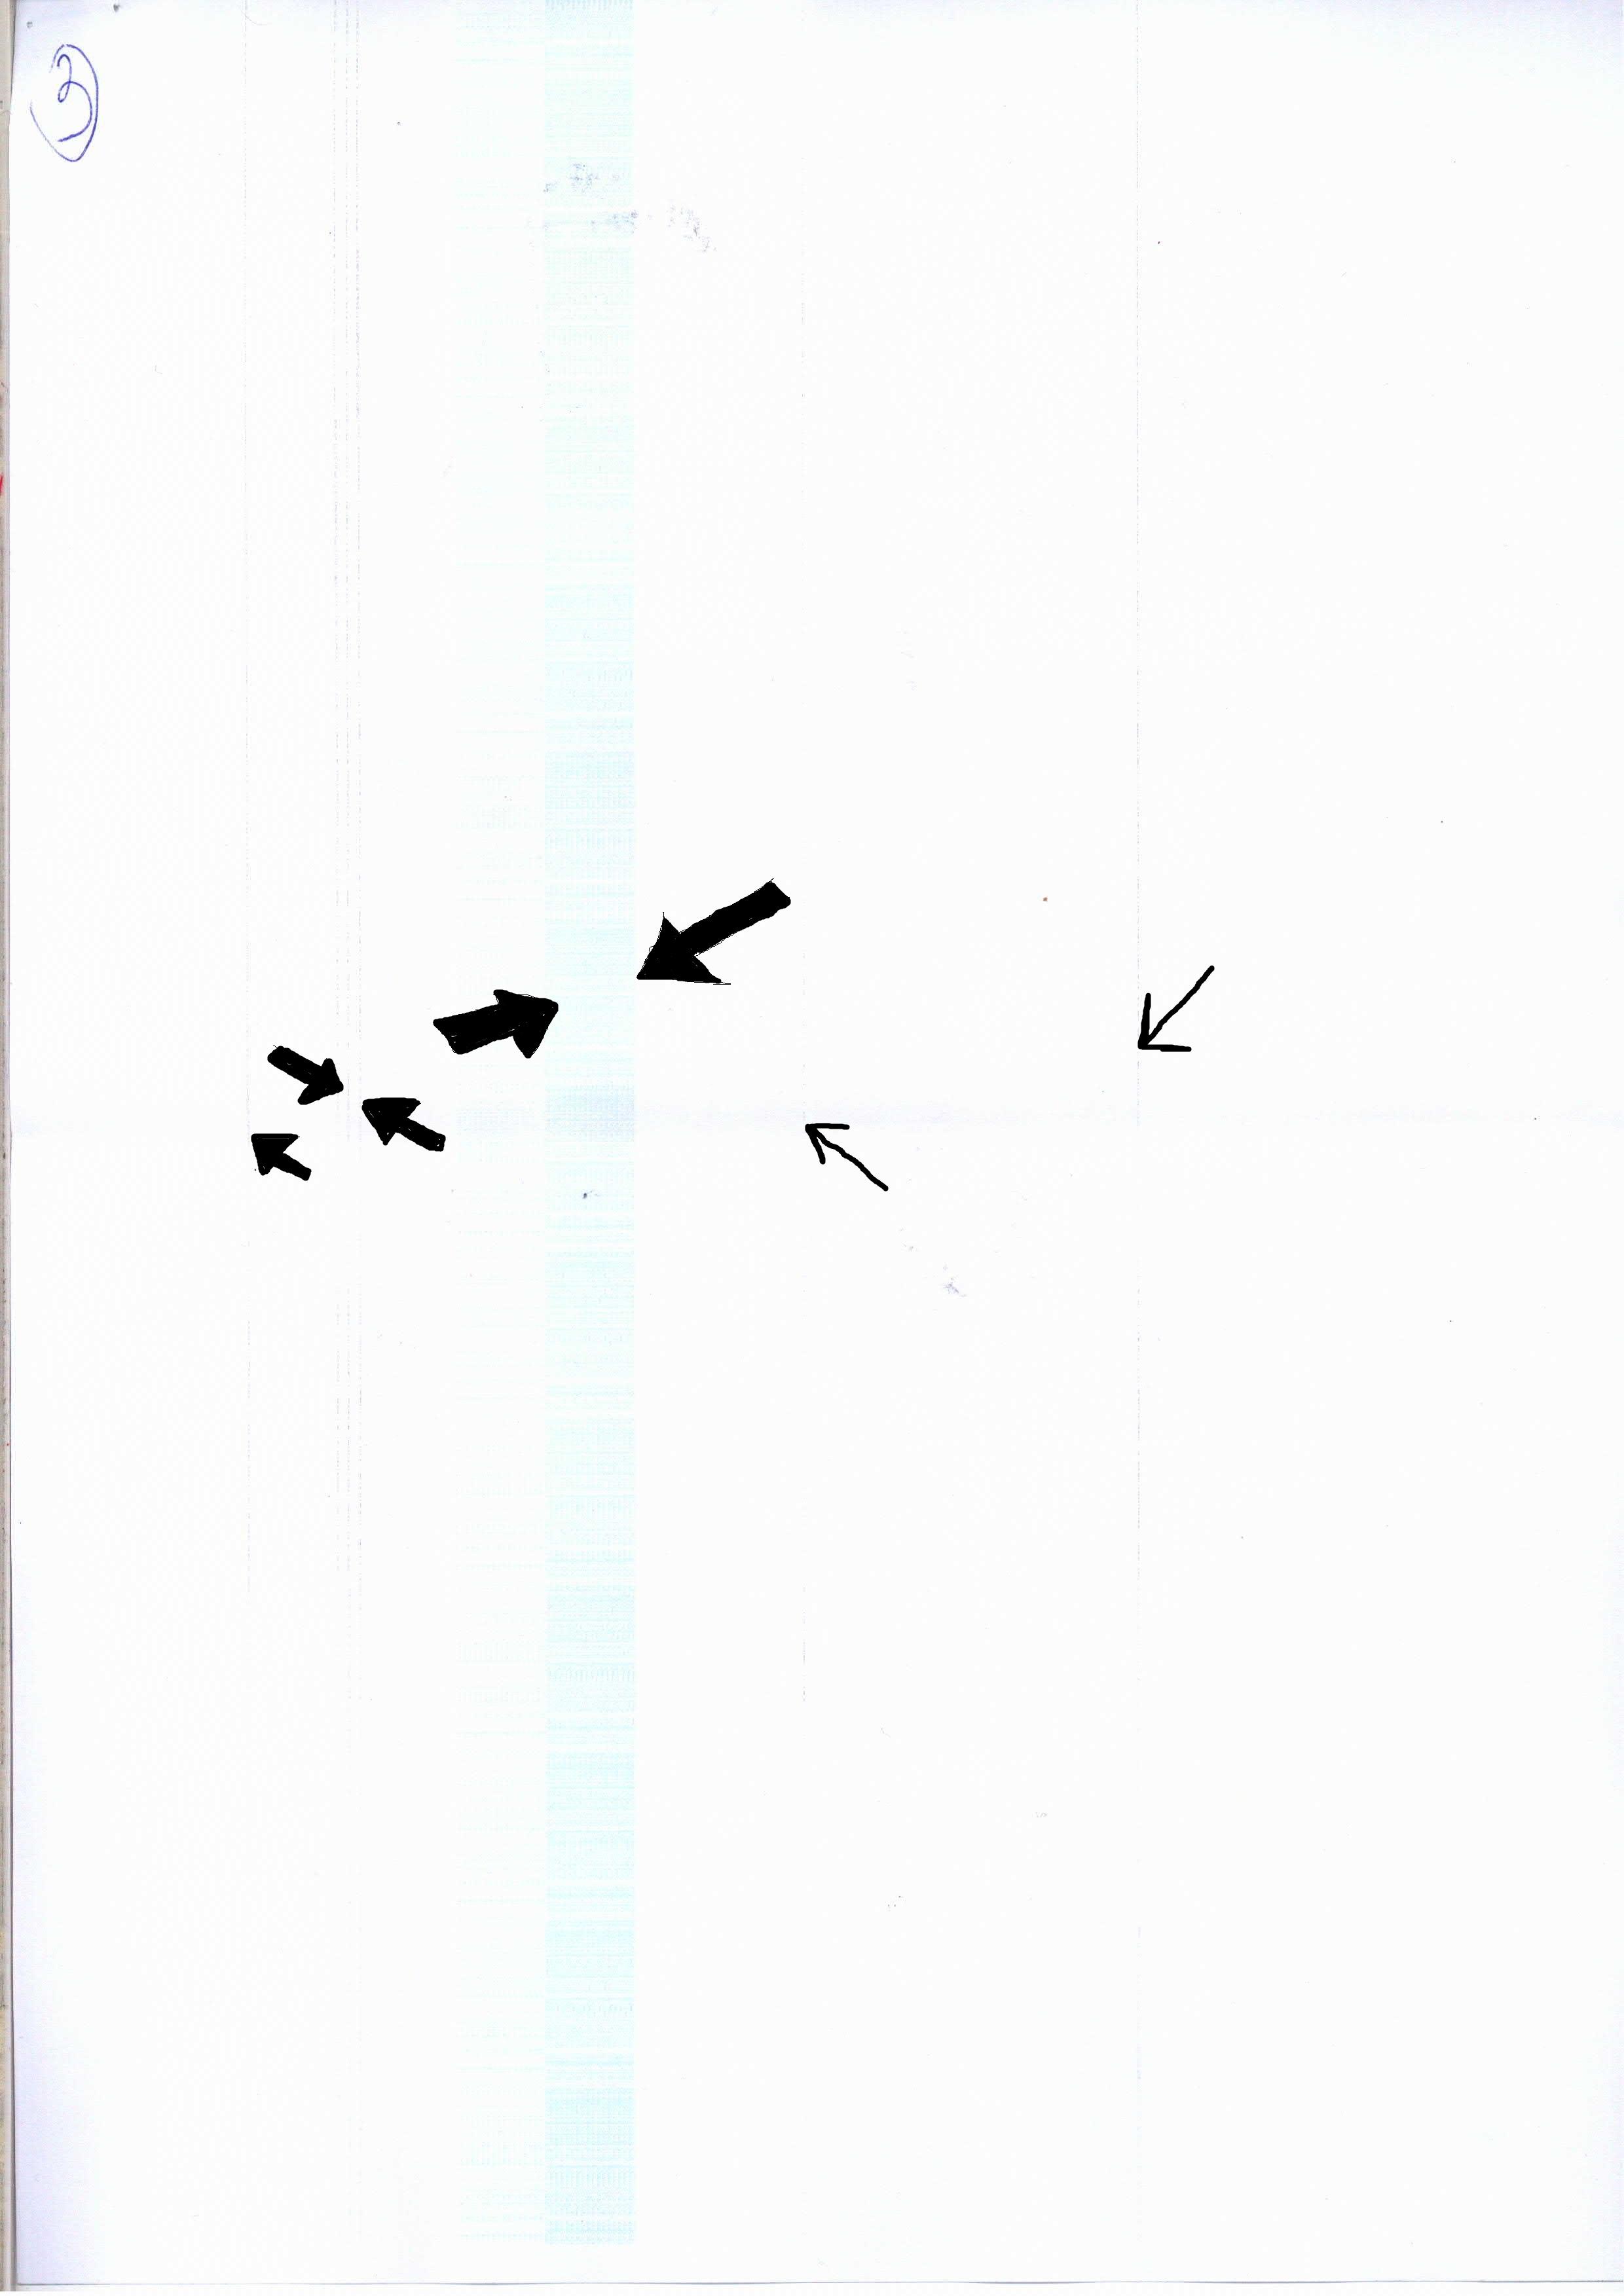 BIZHUB c253 - Brudzi - niebieski pas i czarne paski